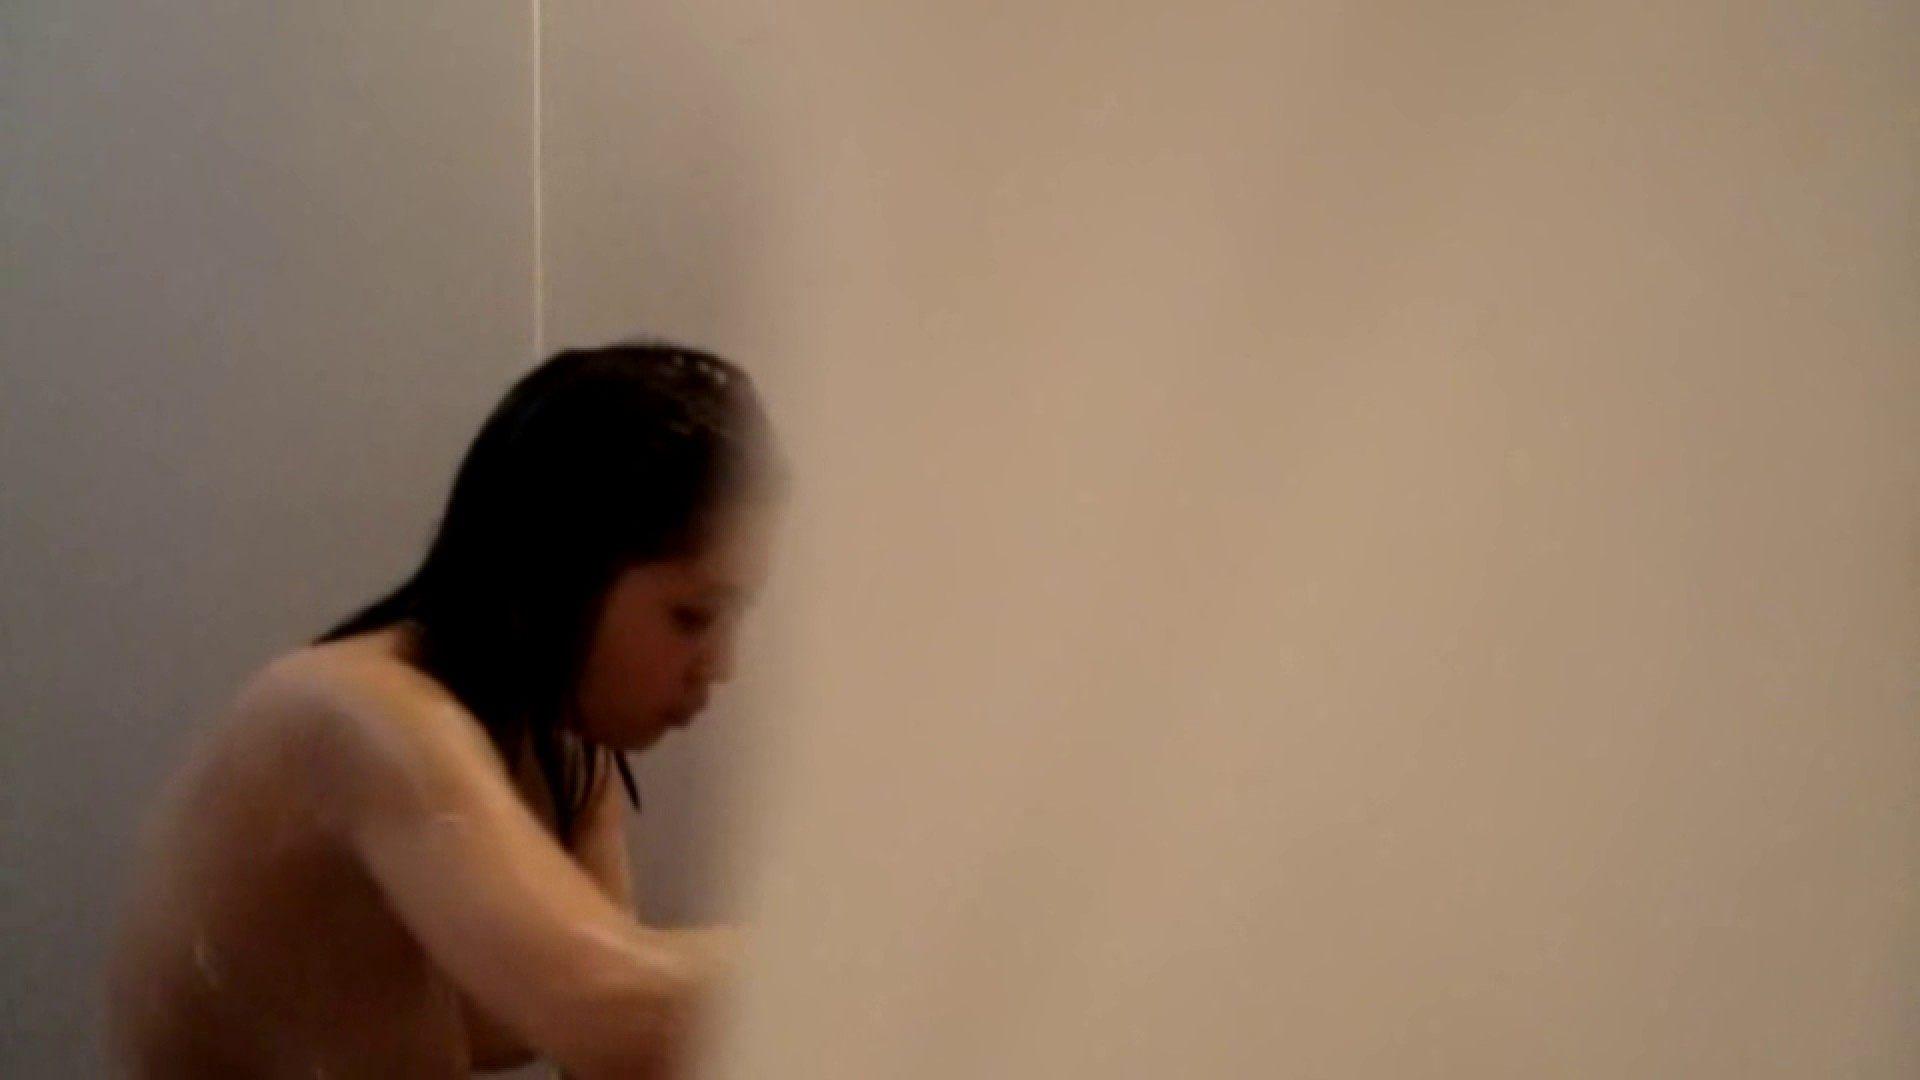 Vol.02 葵のグラドル顔負けの爆乳を入浴シーンでどうぞ。 巨乳 オマンコ動画キャプチャ 55連発 50